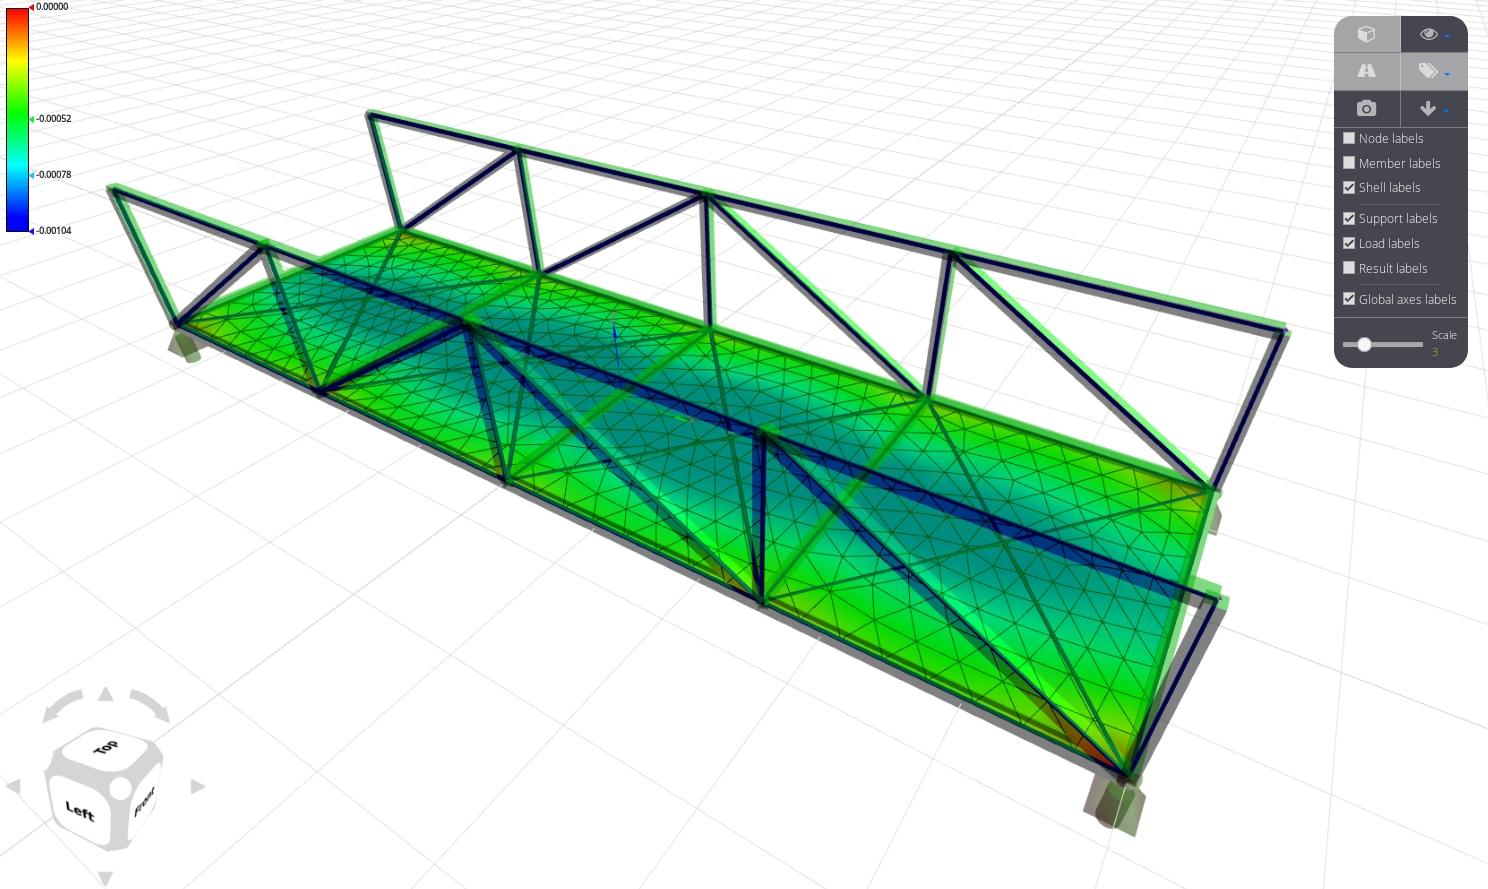 Steel pedestrian bridge structural analysis - WeStatiX community project